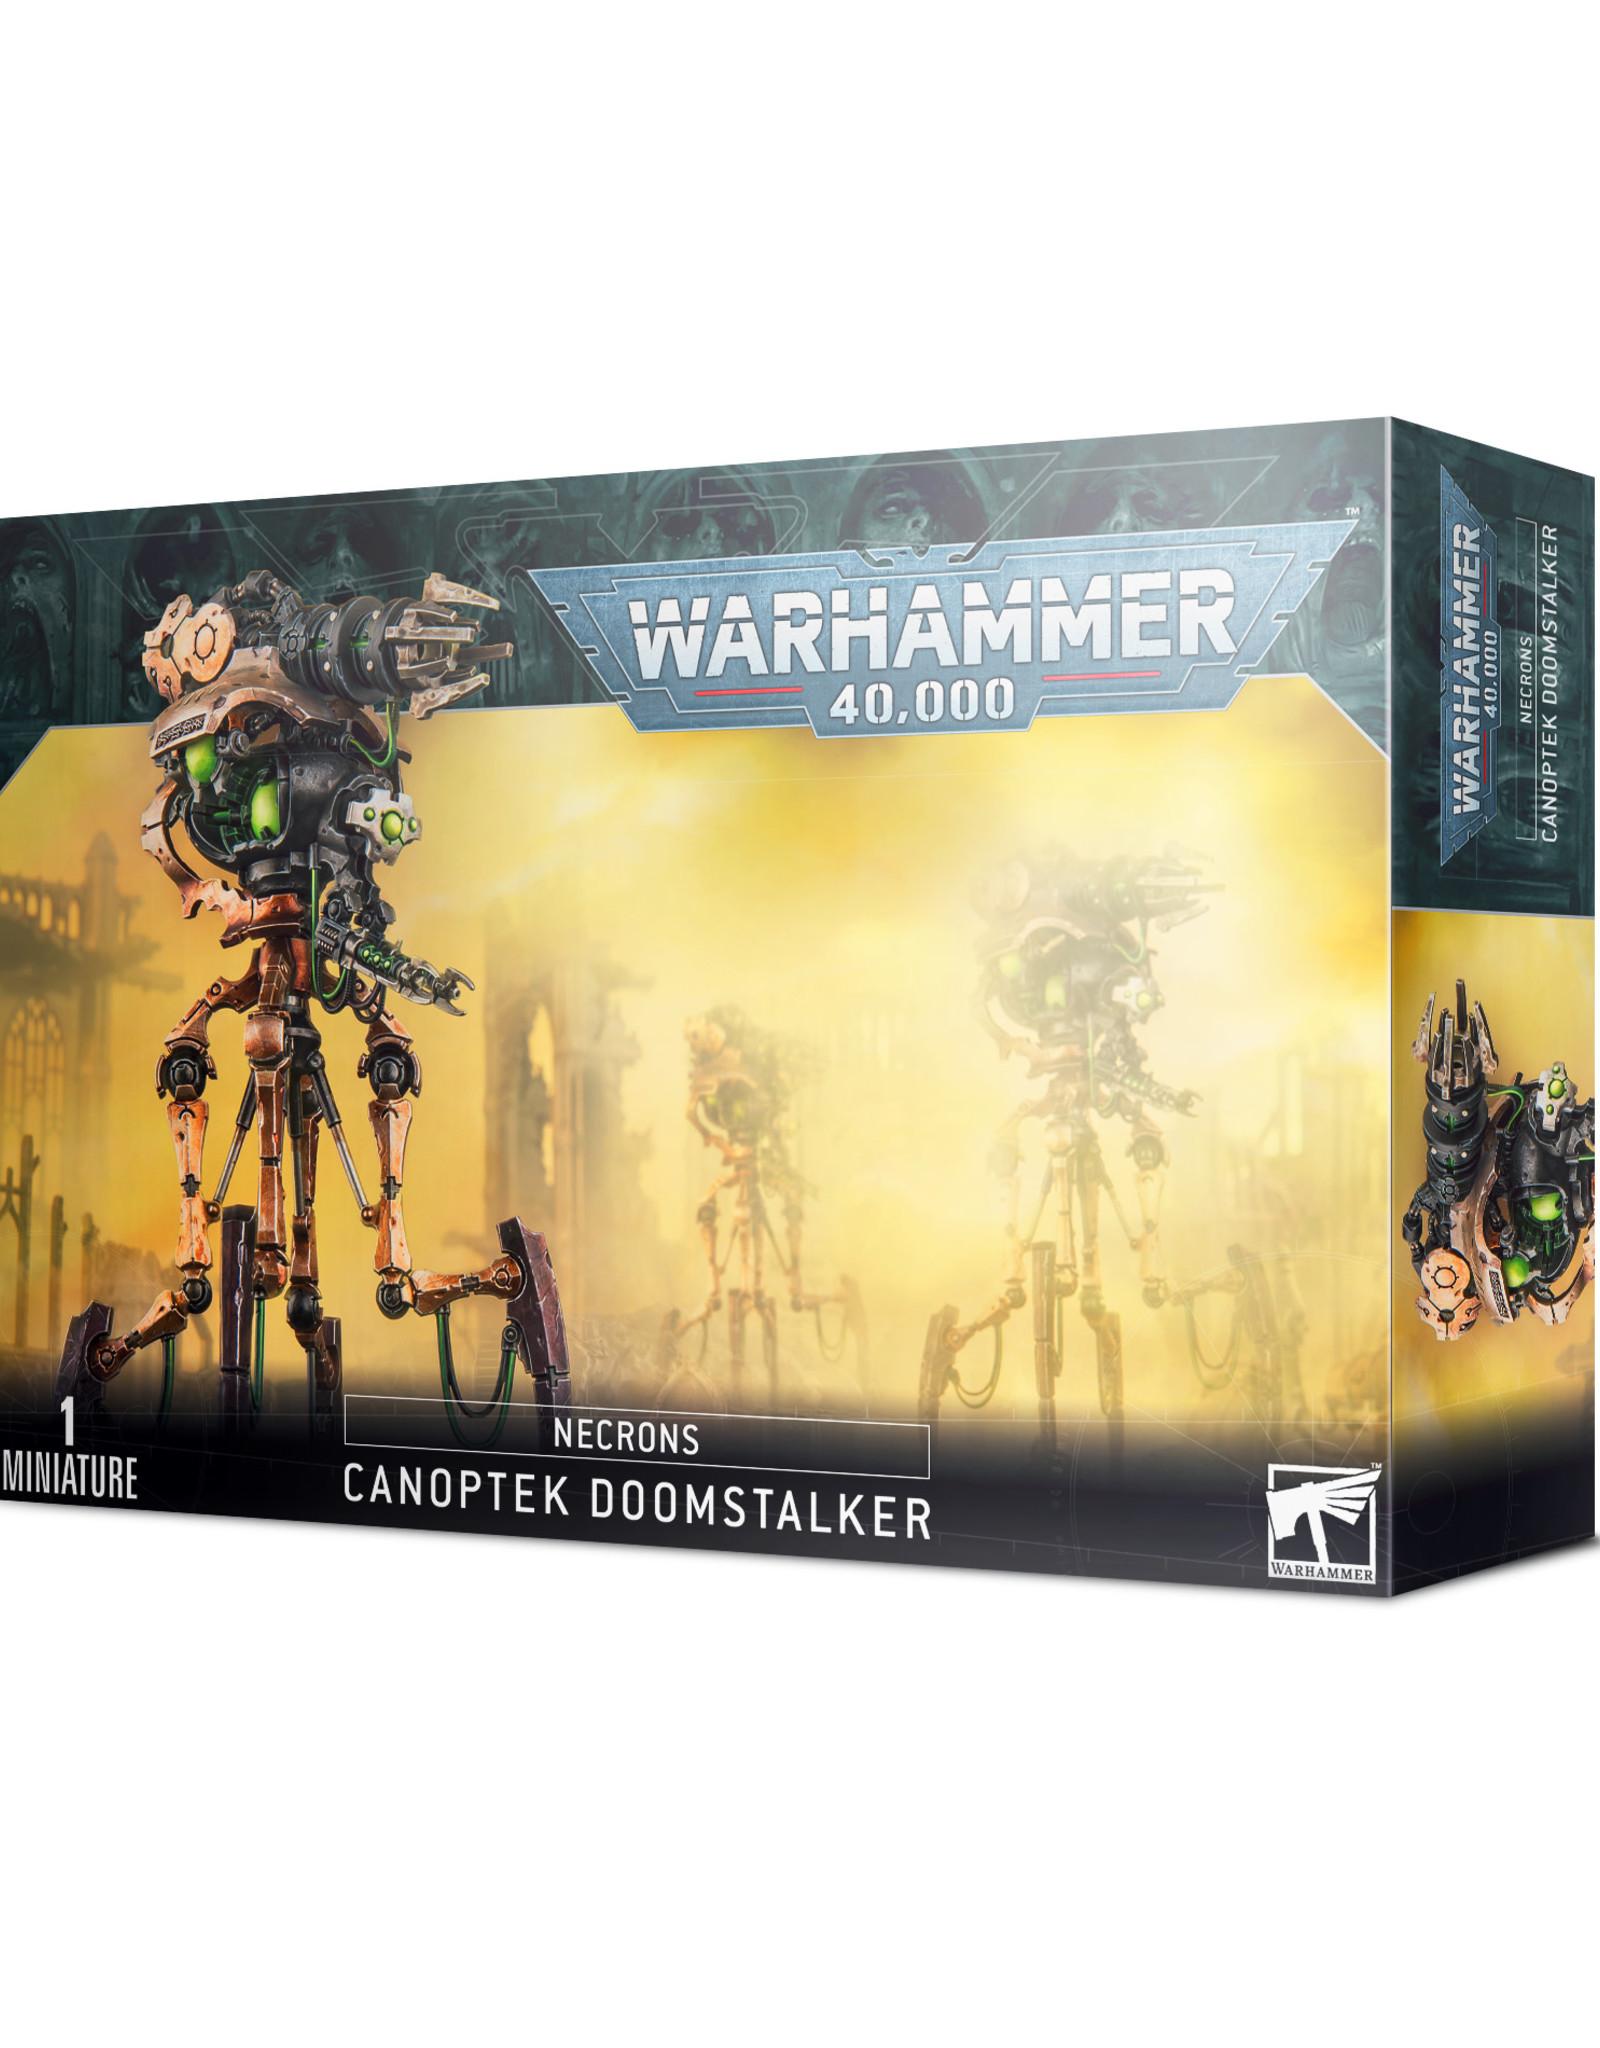 Games Workshop Warhammer 40k Necrons Canoptek Doomstalker